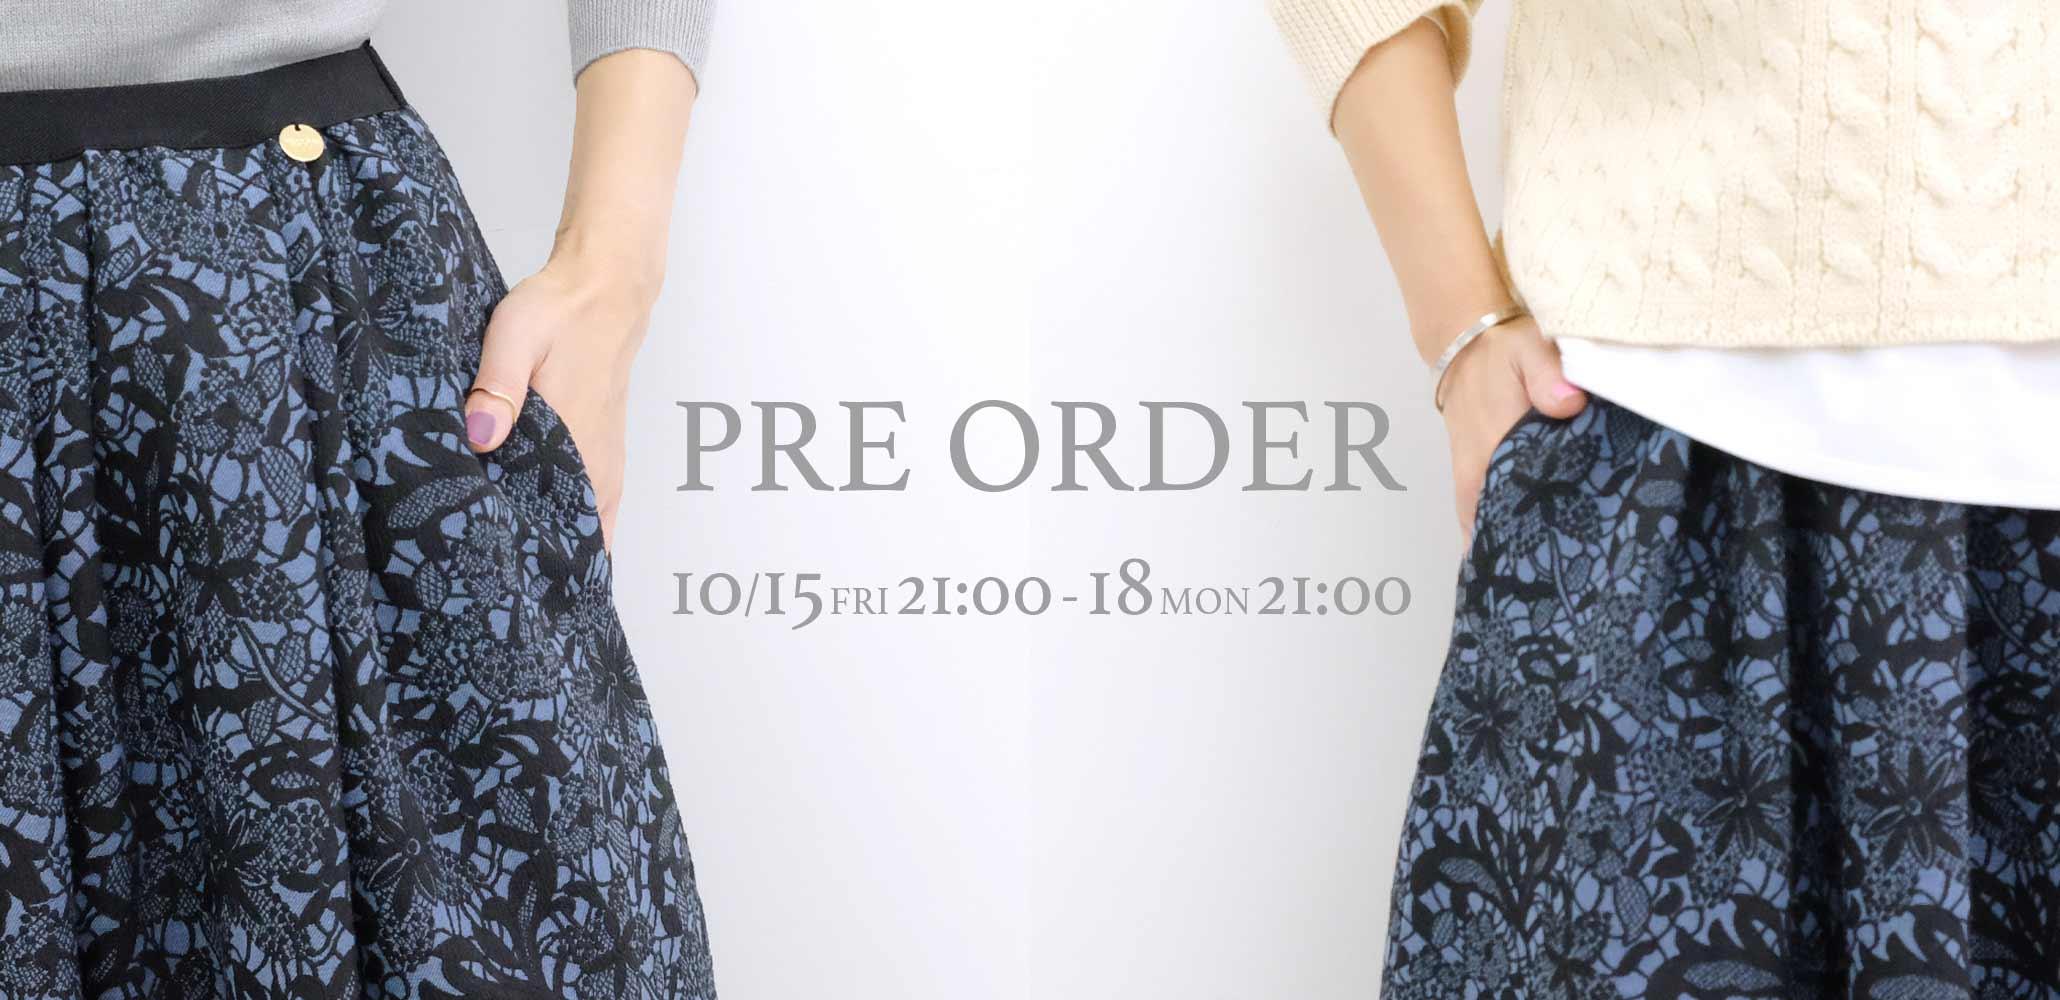 神戸・山の手レースジャガードスカートが15日21時から18日21時まで早割販売開始!